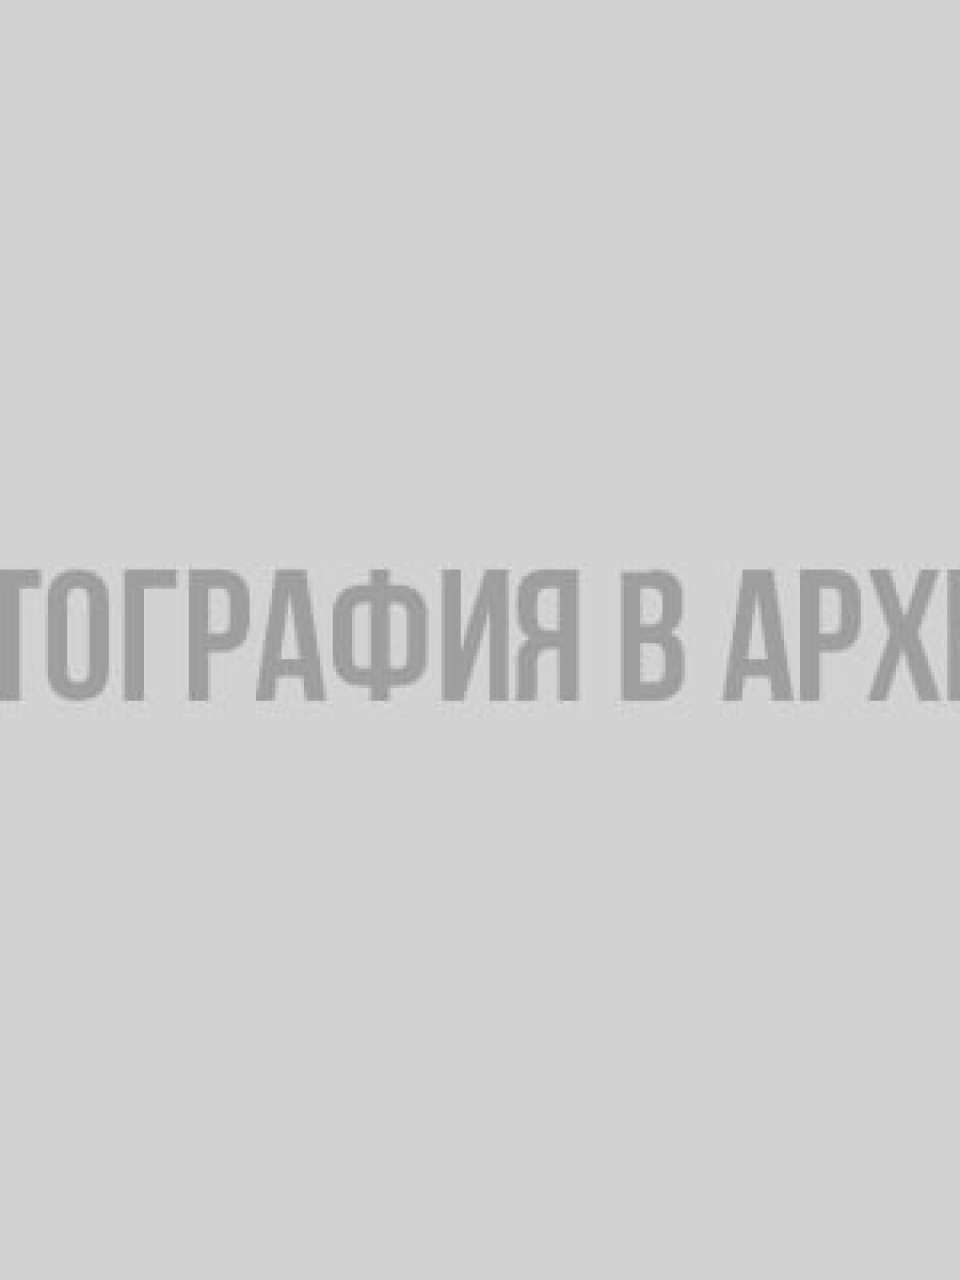 Столкновение трех иномарок произошло в Купчино Санкт-Петербург, Россияне, Россия, купчино, ДТП в Санкт-Петербурге, ДТП в России, ДТП, водители, автомобили, авария